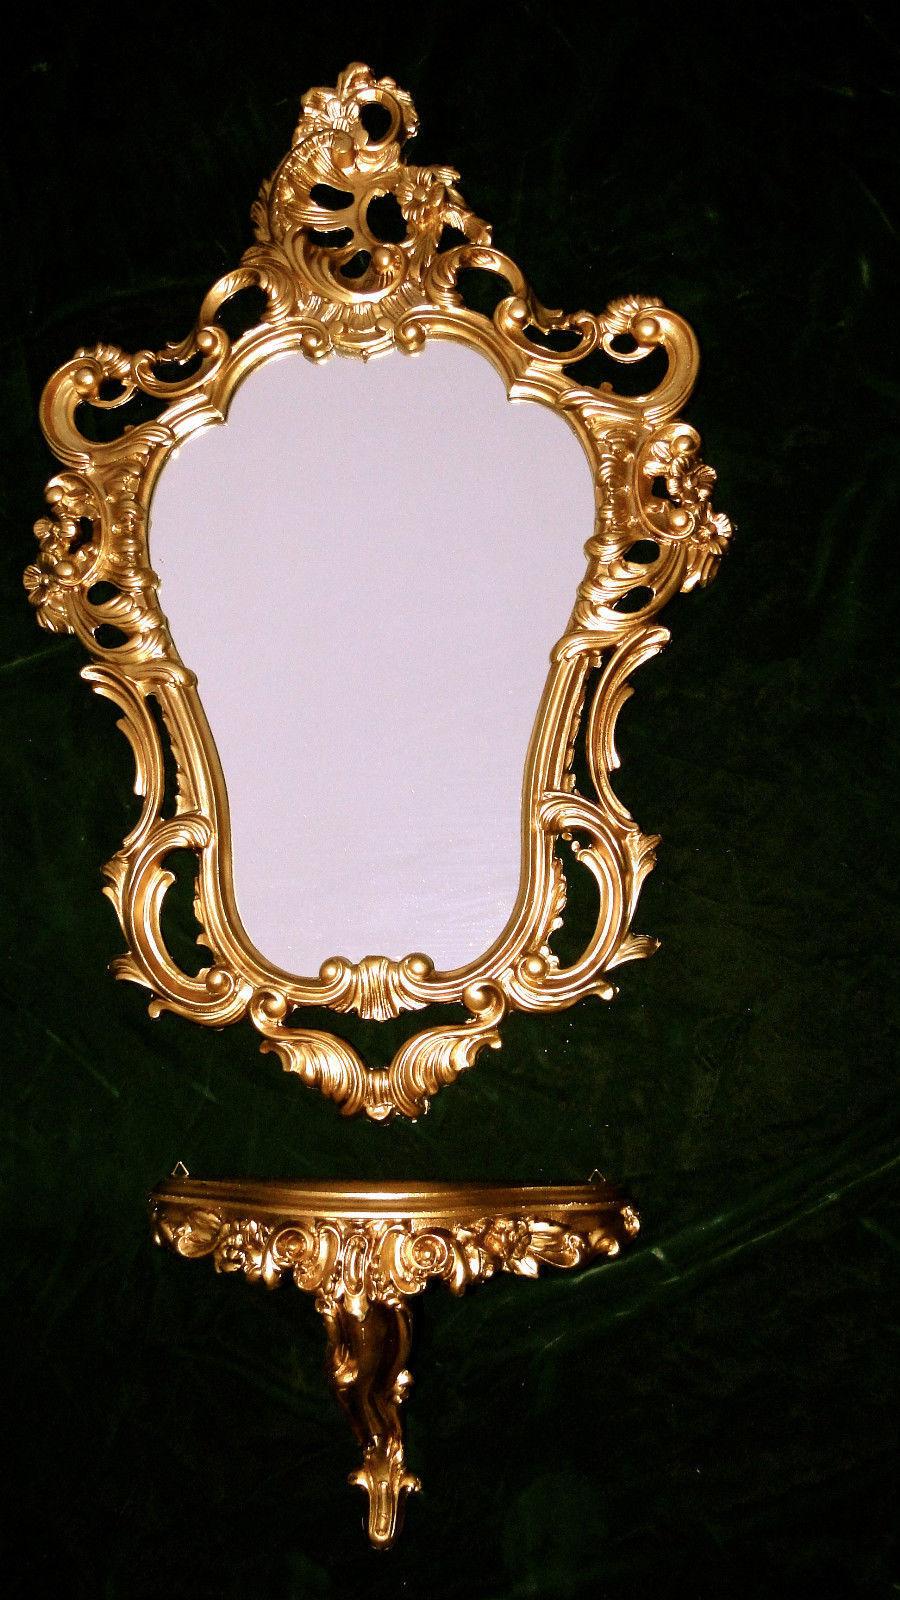 wandspiegel ablage spiegelablage konsole set m spiegel 50x76 antik barock gold ebay. Black Bedroom Furniture Sets. Home Design Ideas